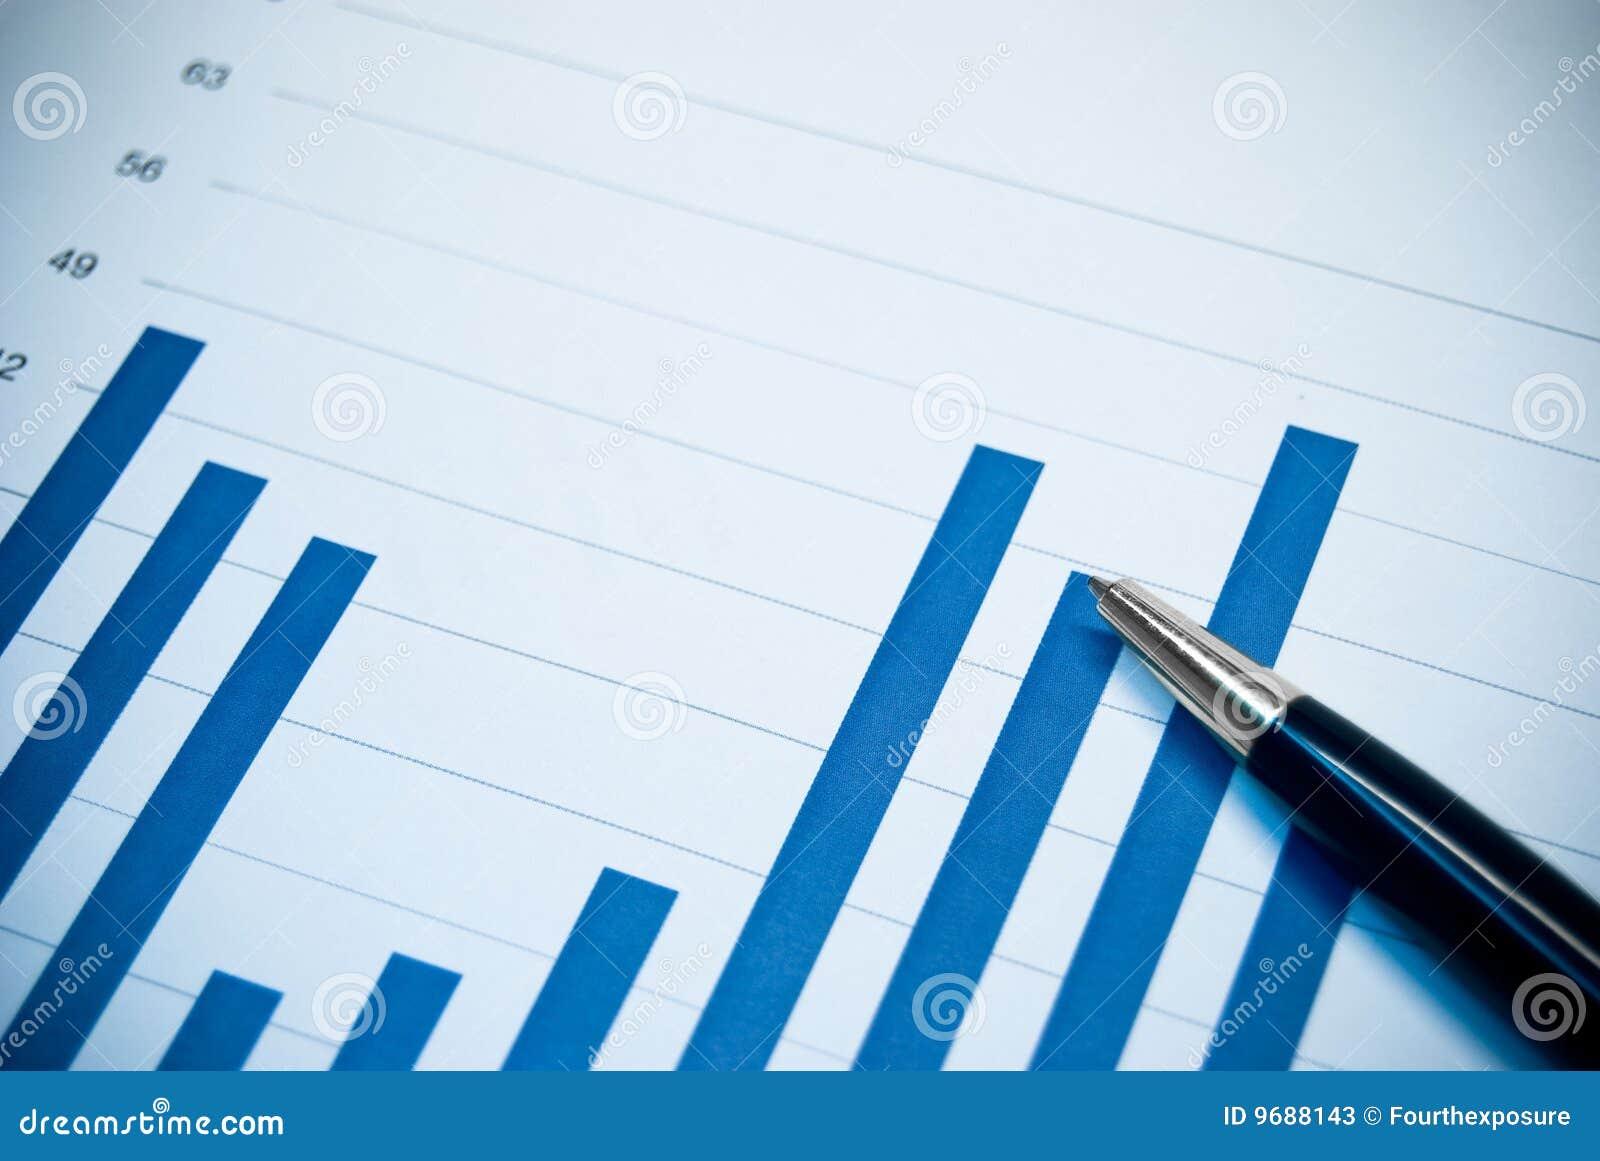 Het analyseren van een Grafiek